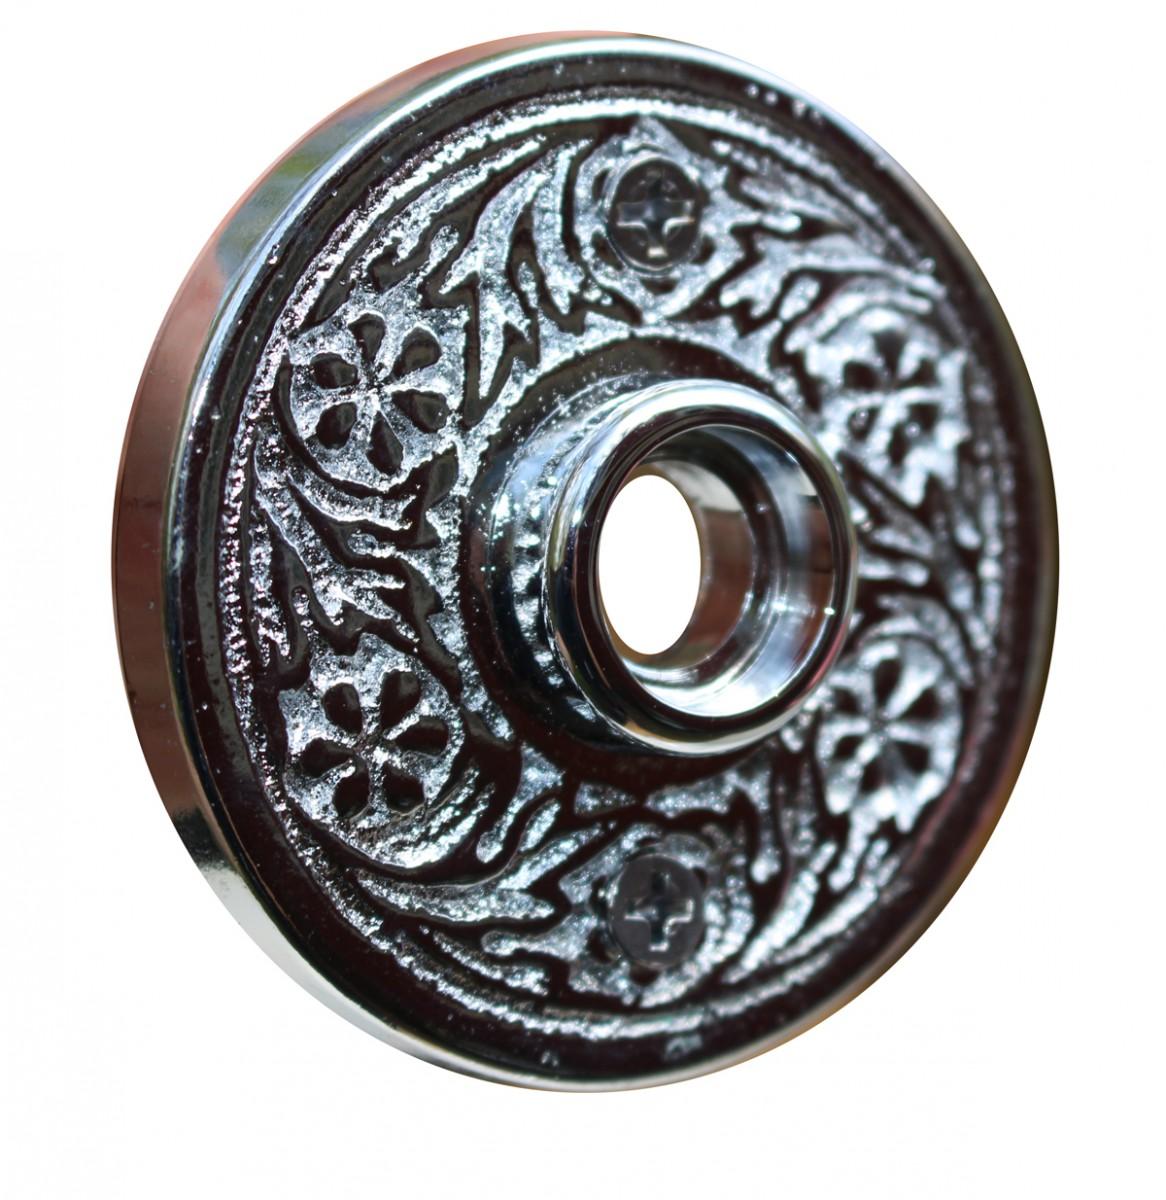 Pair 2 716 Victorian Cast Brass Rosette Chrome Door Hardware Door Knob Roses Door Knob Back Plates